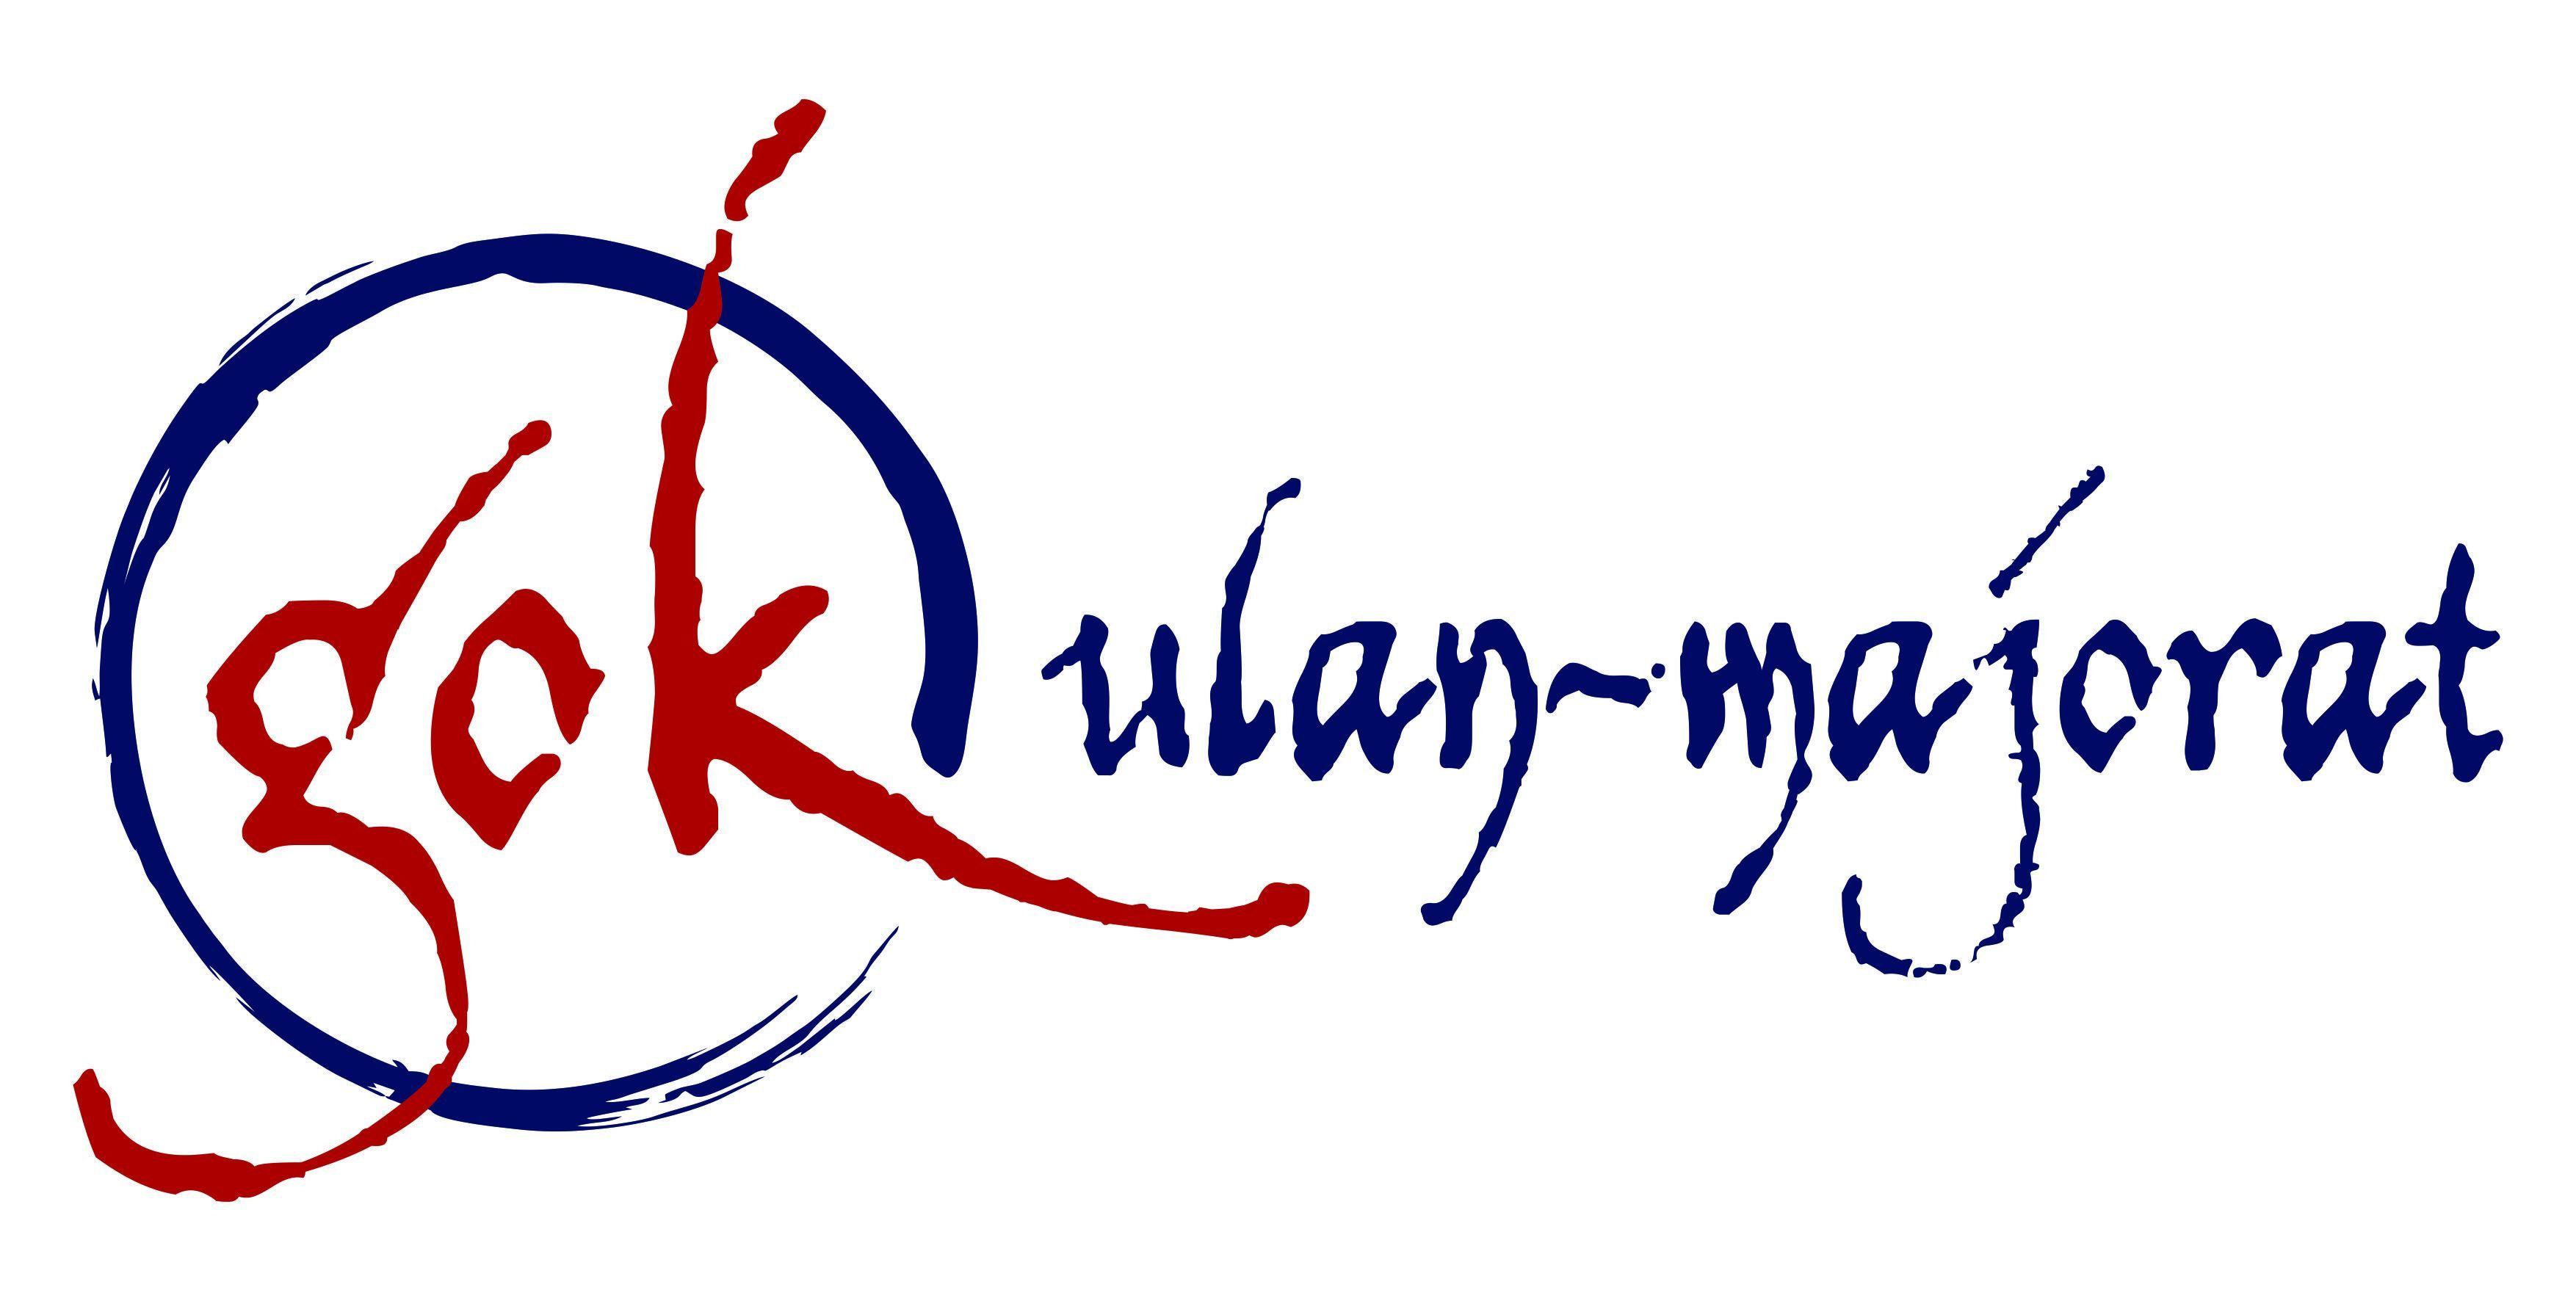 GOK Ulan Majorat